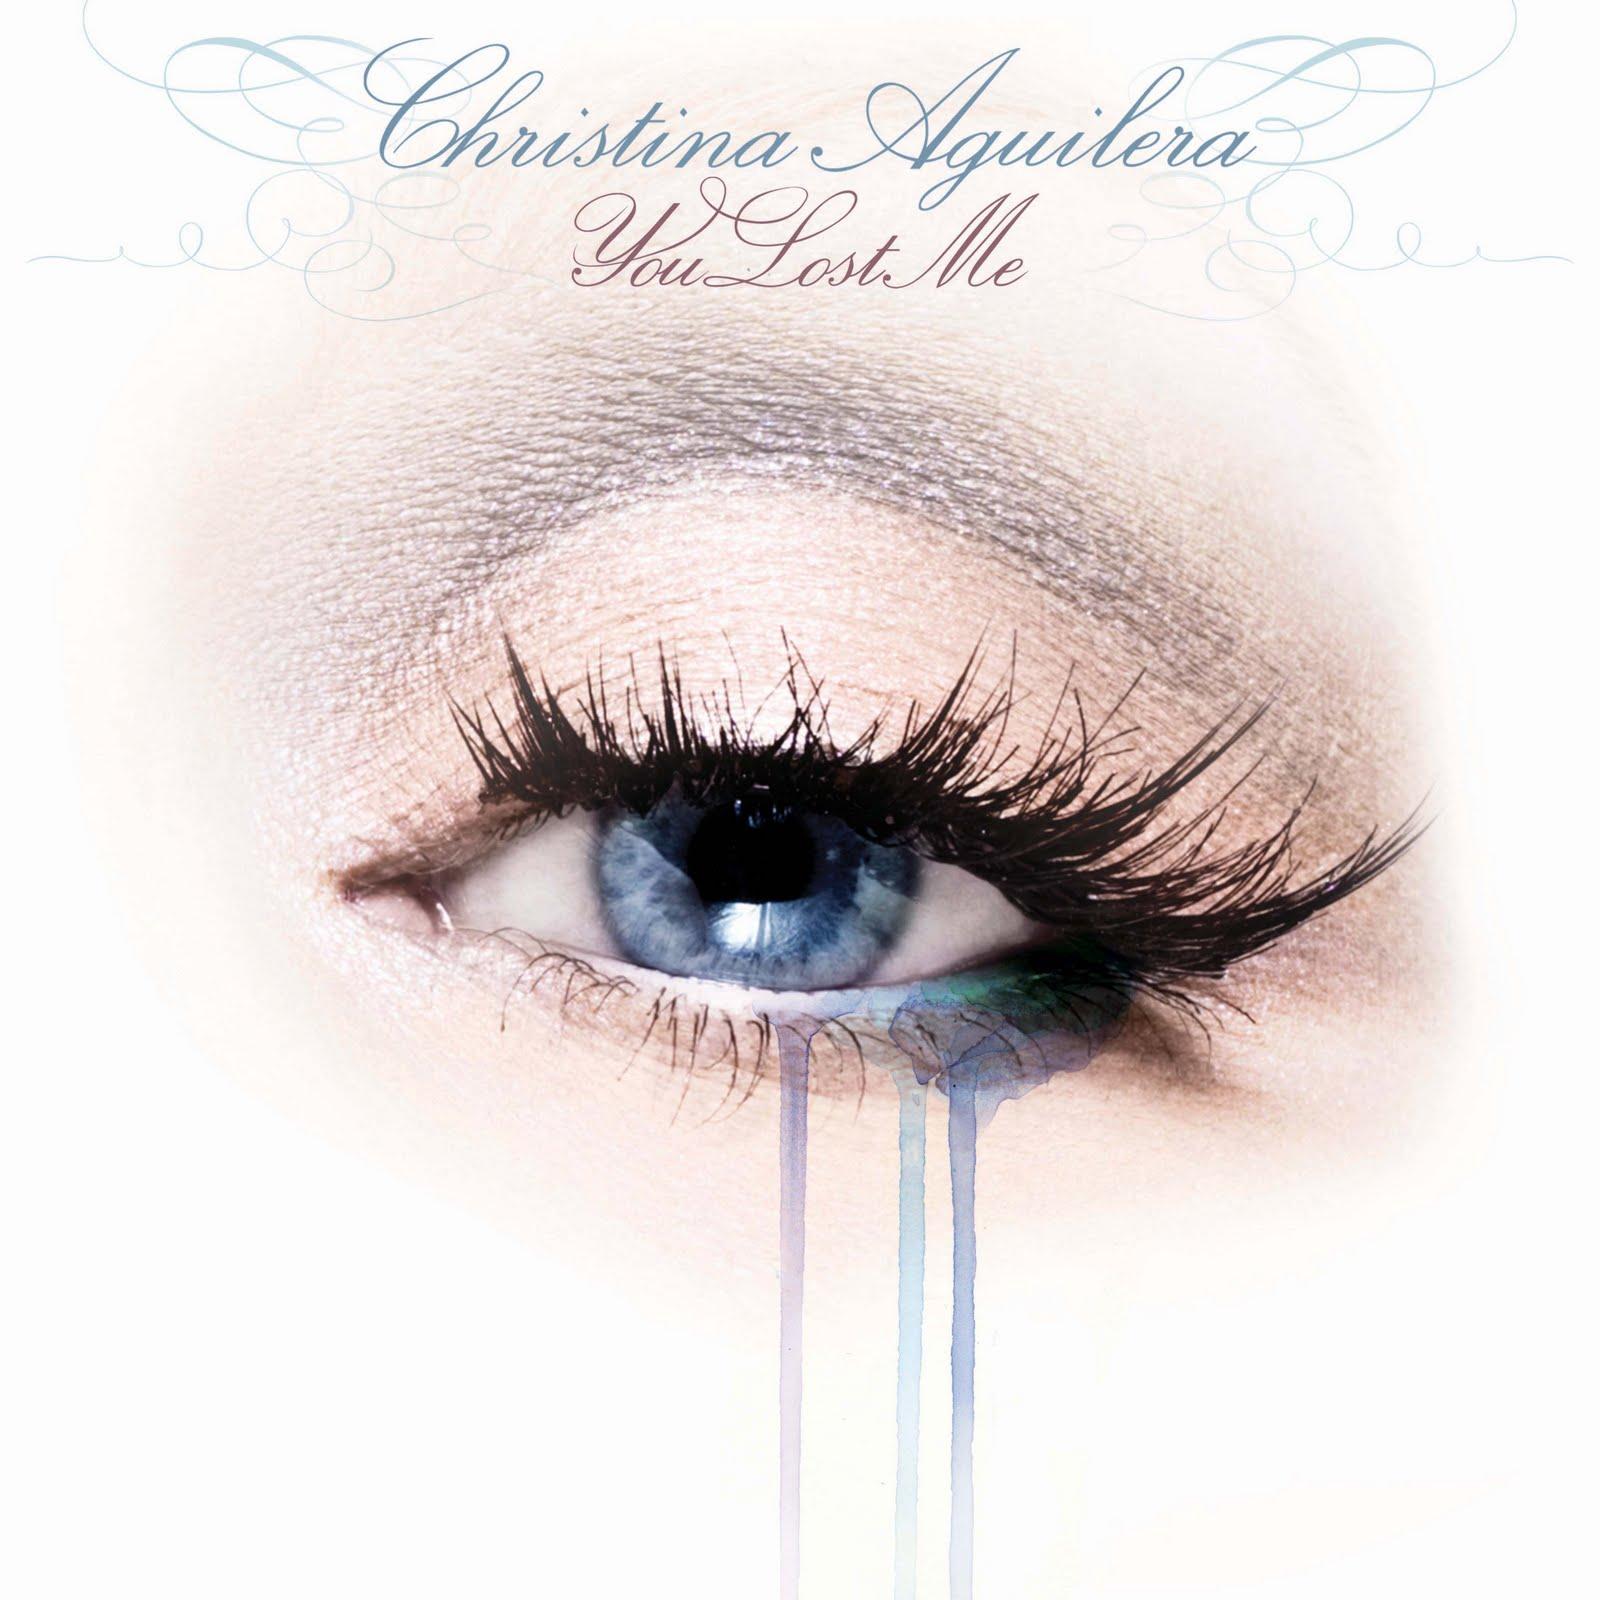 http://3.bp.blogspot.com/_2DnzRzjq49Y/TE436HoKOUI/AAAAAAAAA88/iupJva7DioE/s1600/Christina_You_lost_me_Cover.jpg